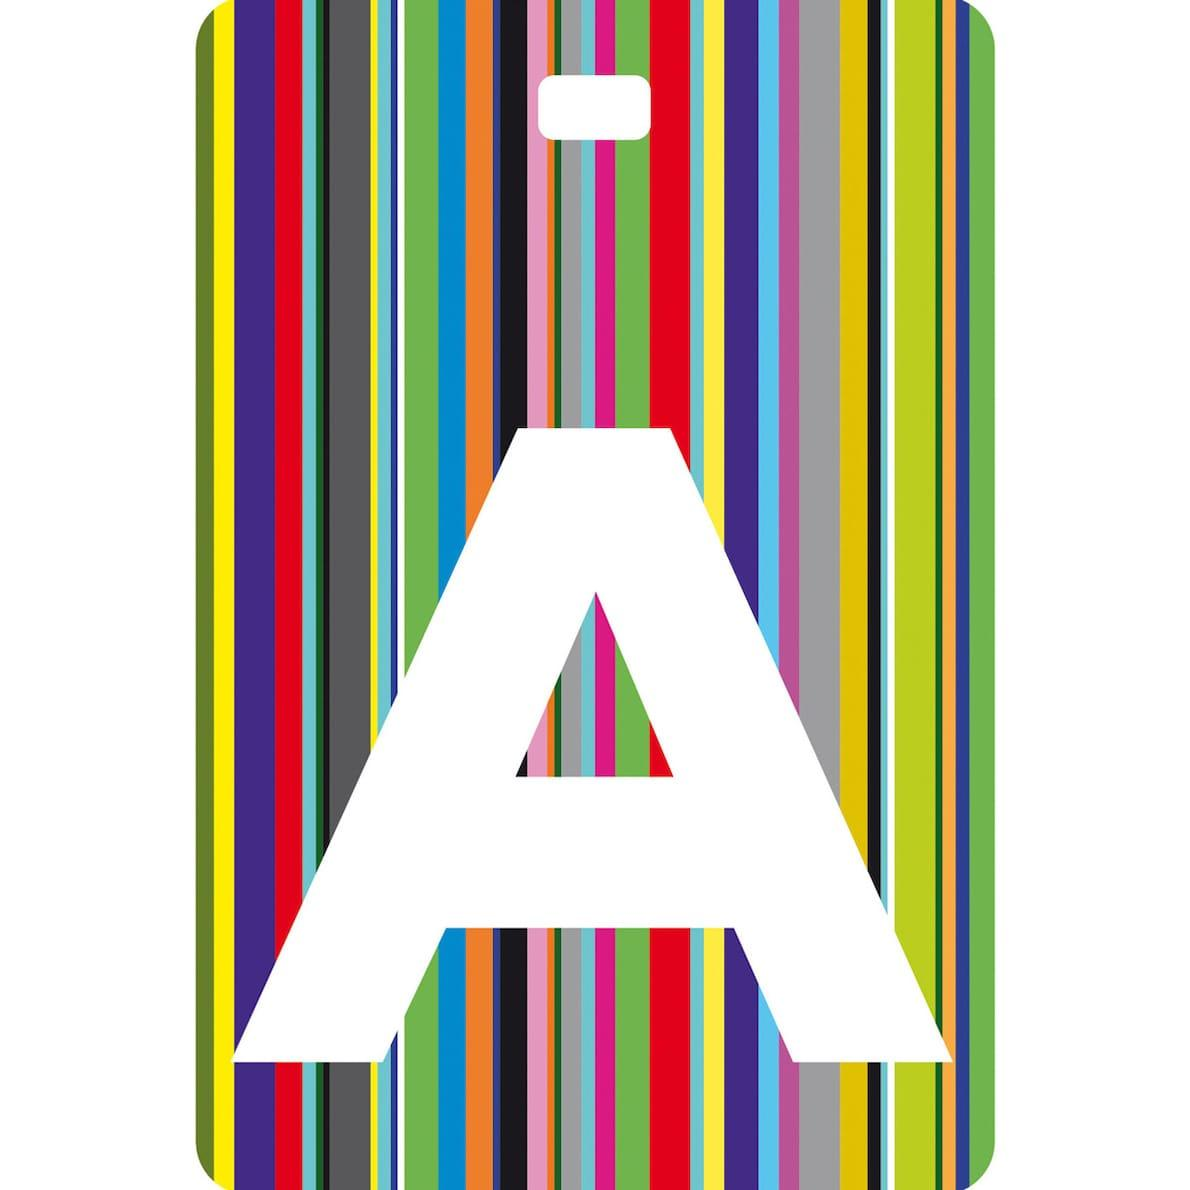 Etichetta baglio con lettera alfabeto bianca su sfondo a righe colorate carattere testuale A